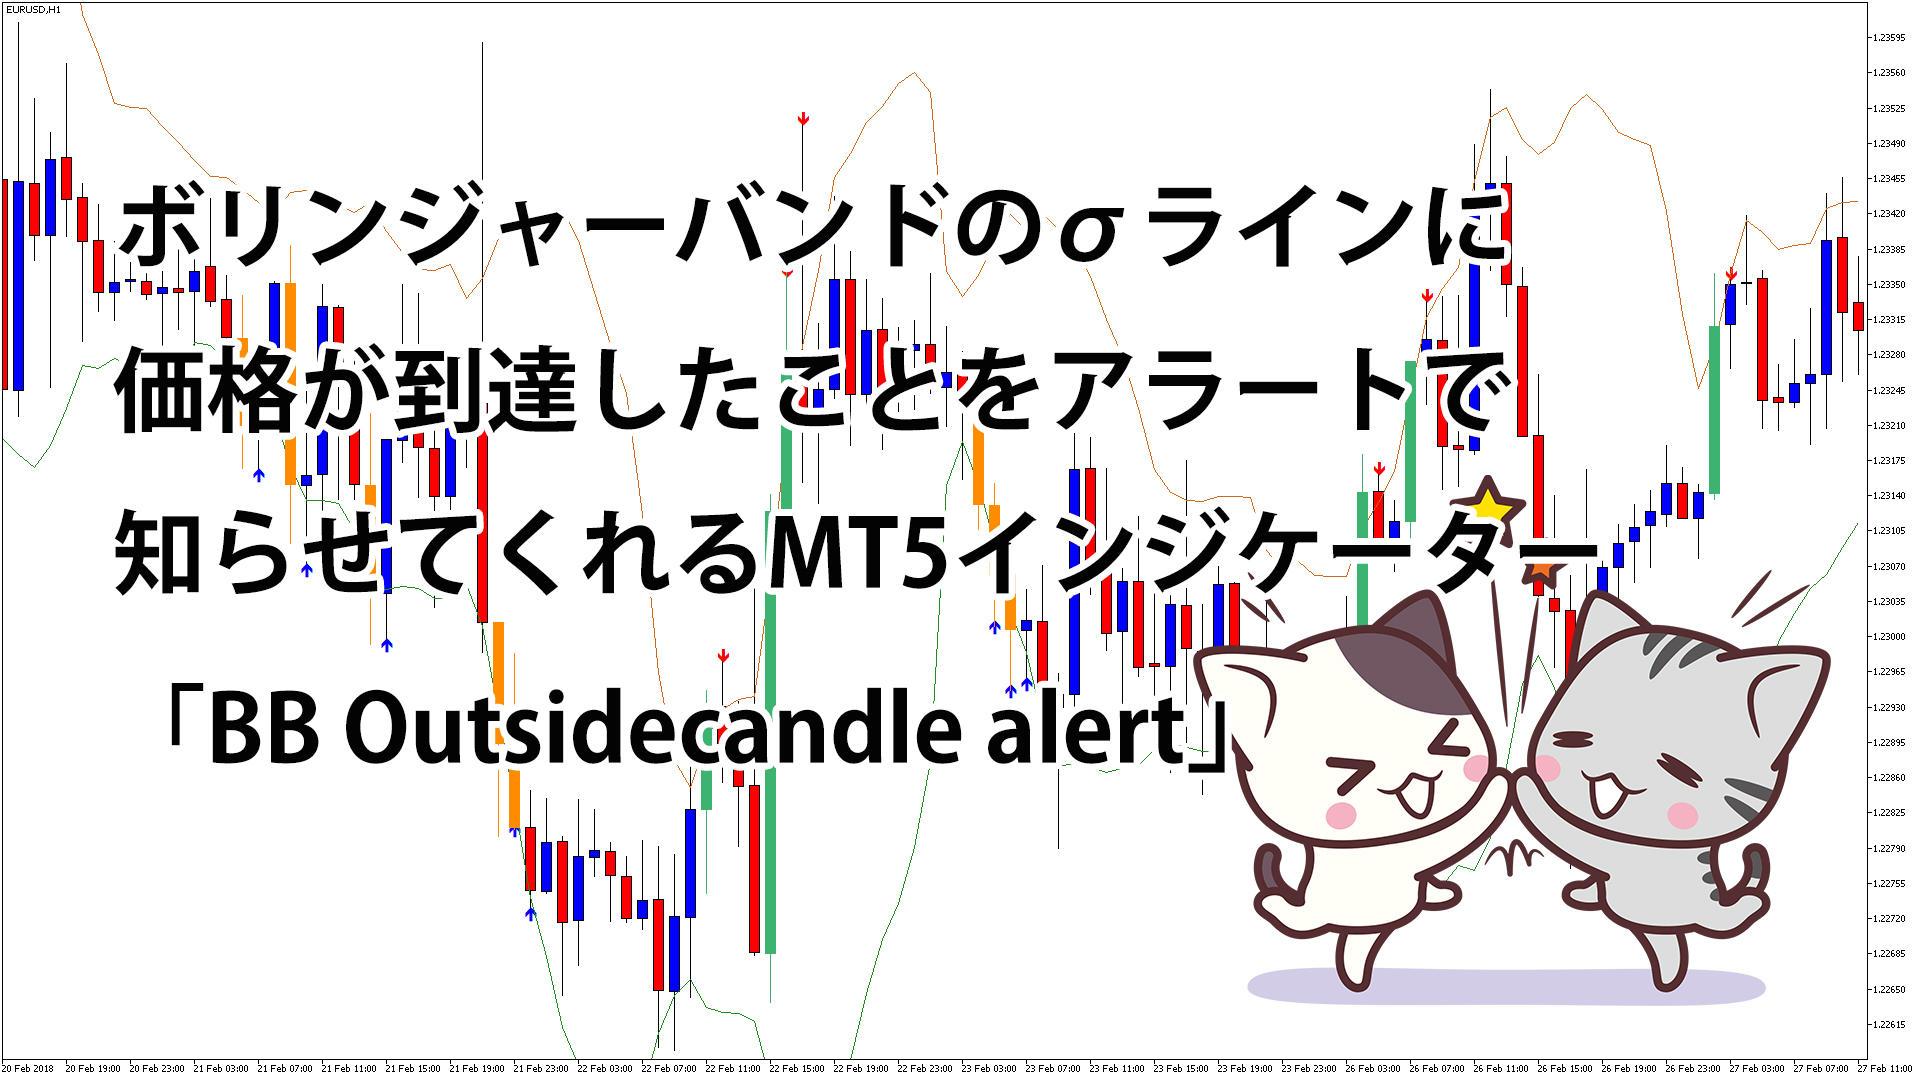 ボリンジャーバンドのσラインに価格が到達したことをアラートで知らせてくれるMT5インジケーター「BB outsidecandle alert」